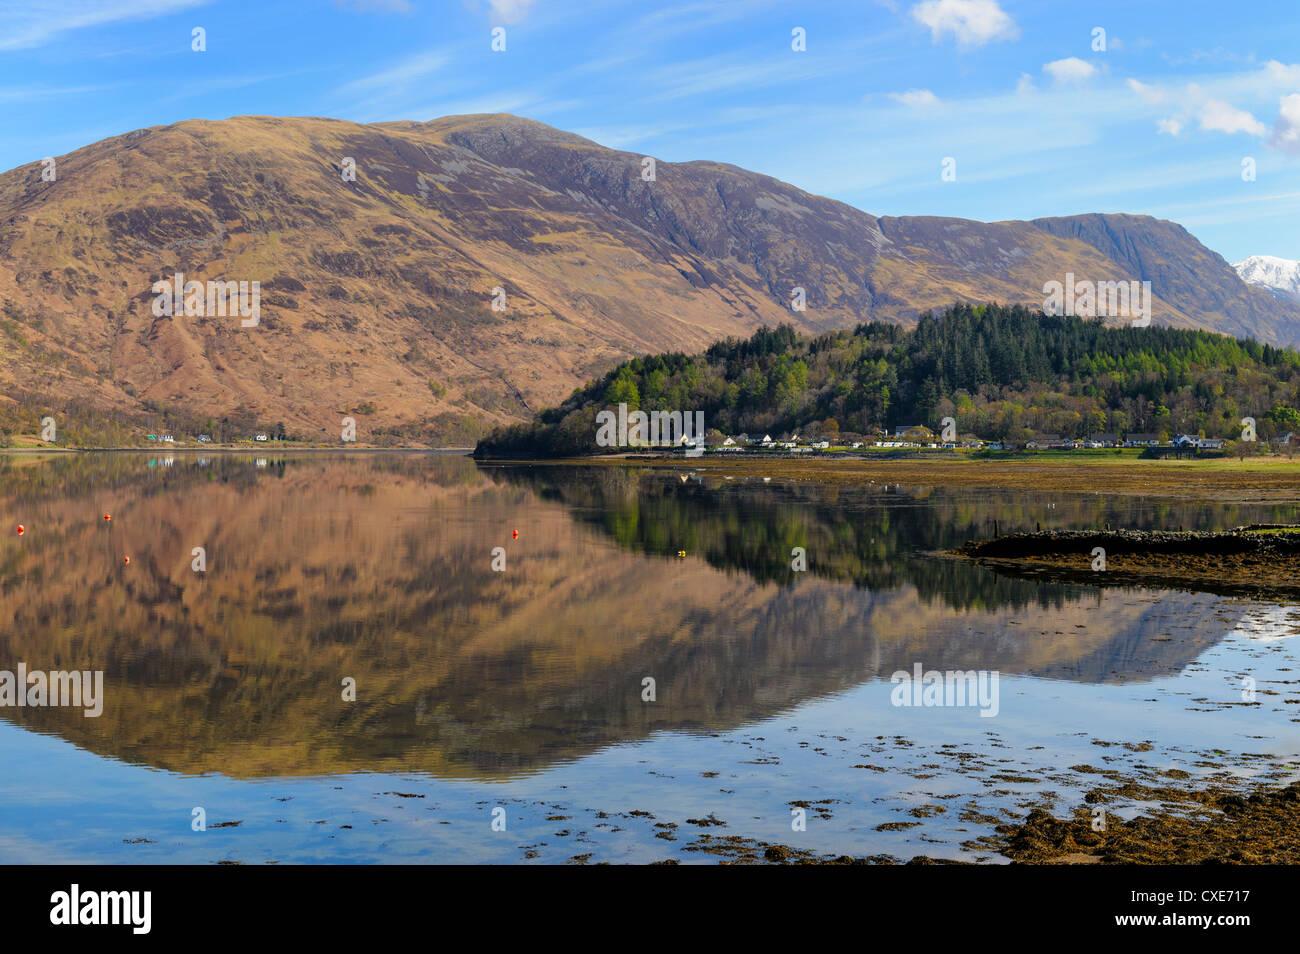 Loch Leven Reflexionen, Glencoe Village, Schottisches Hochland, Schottland Stockbild